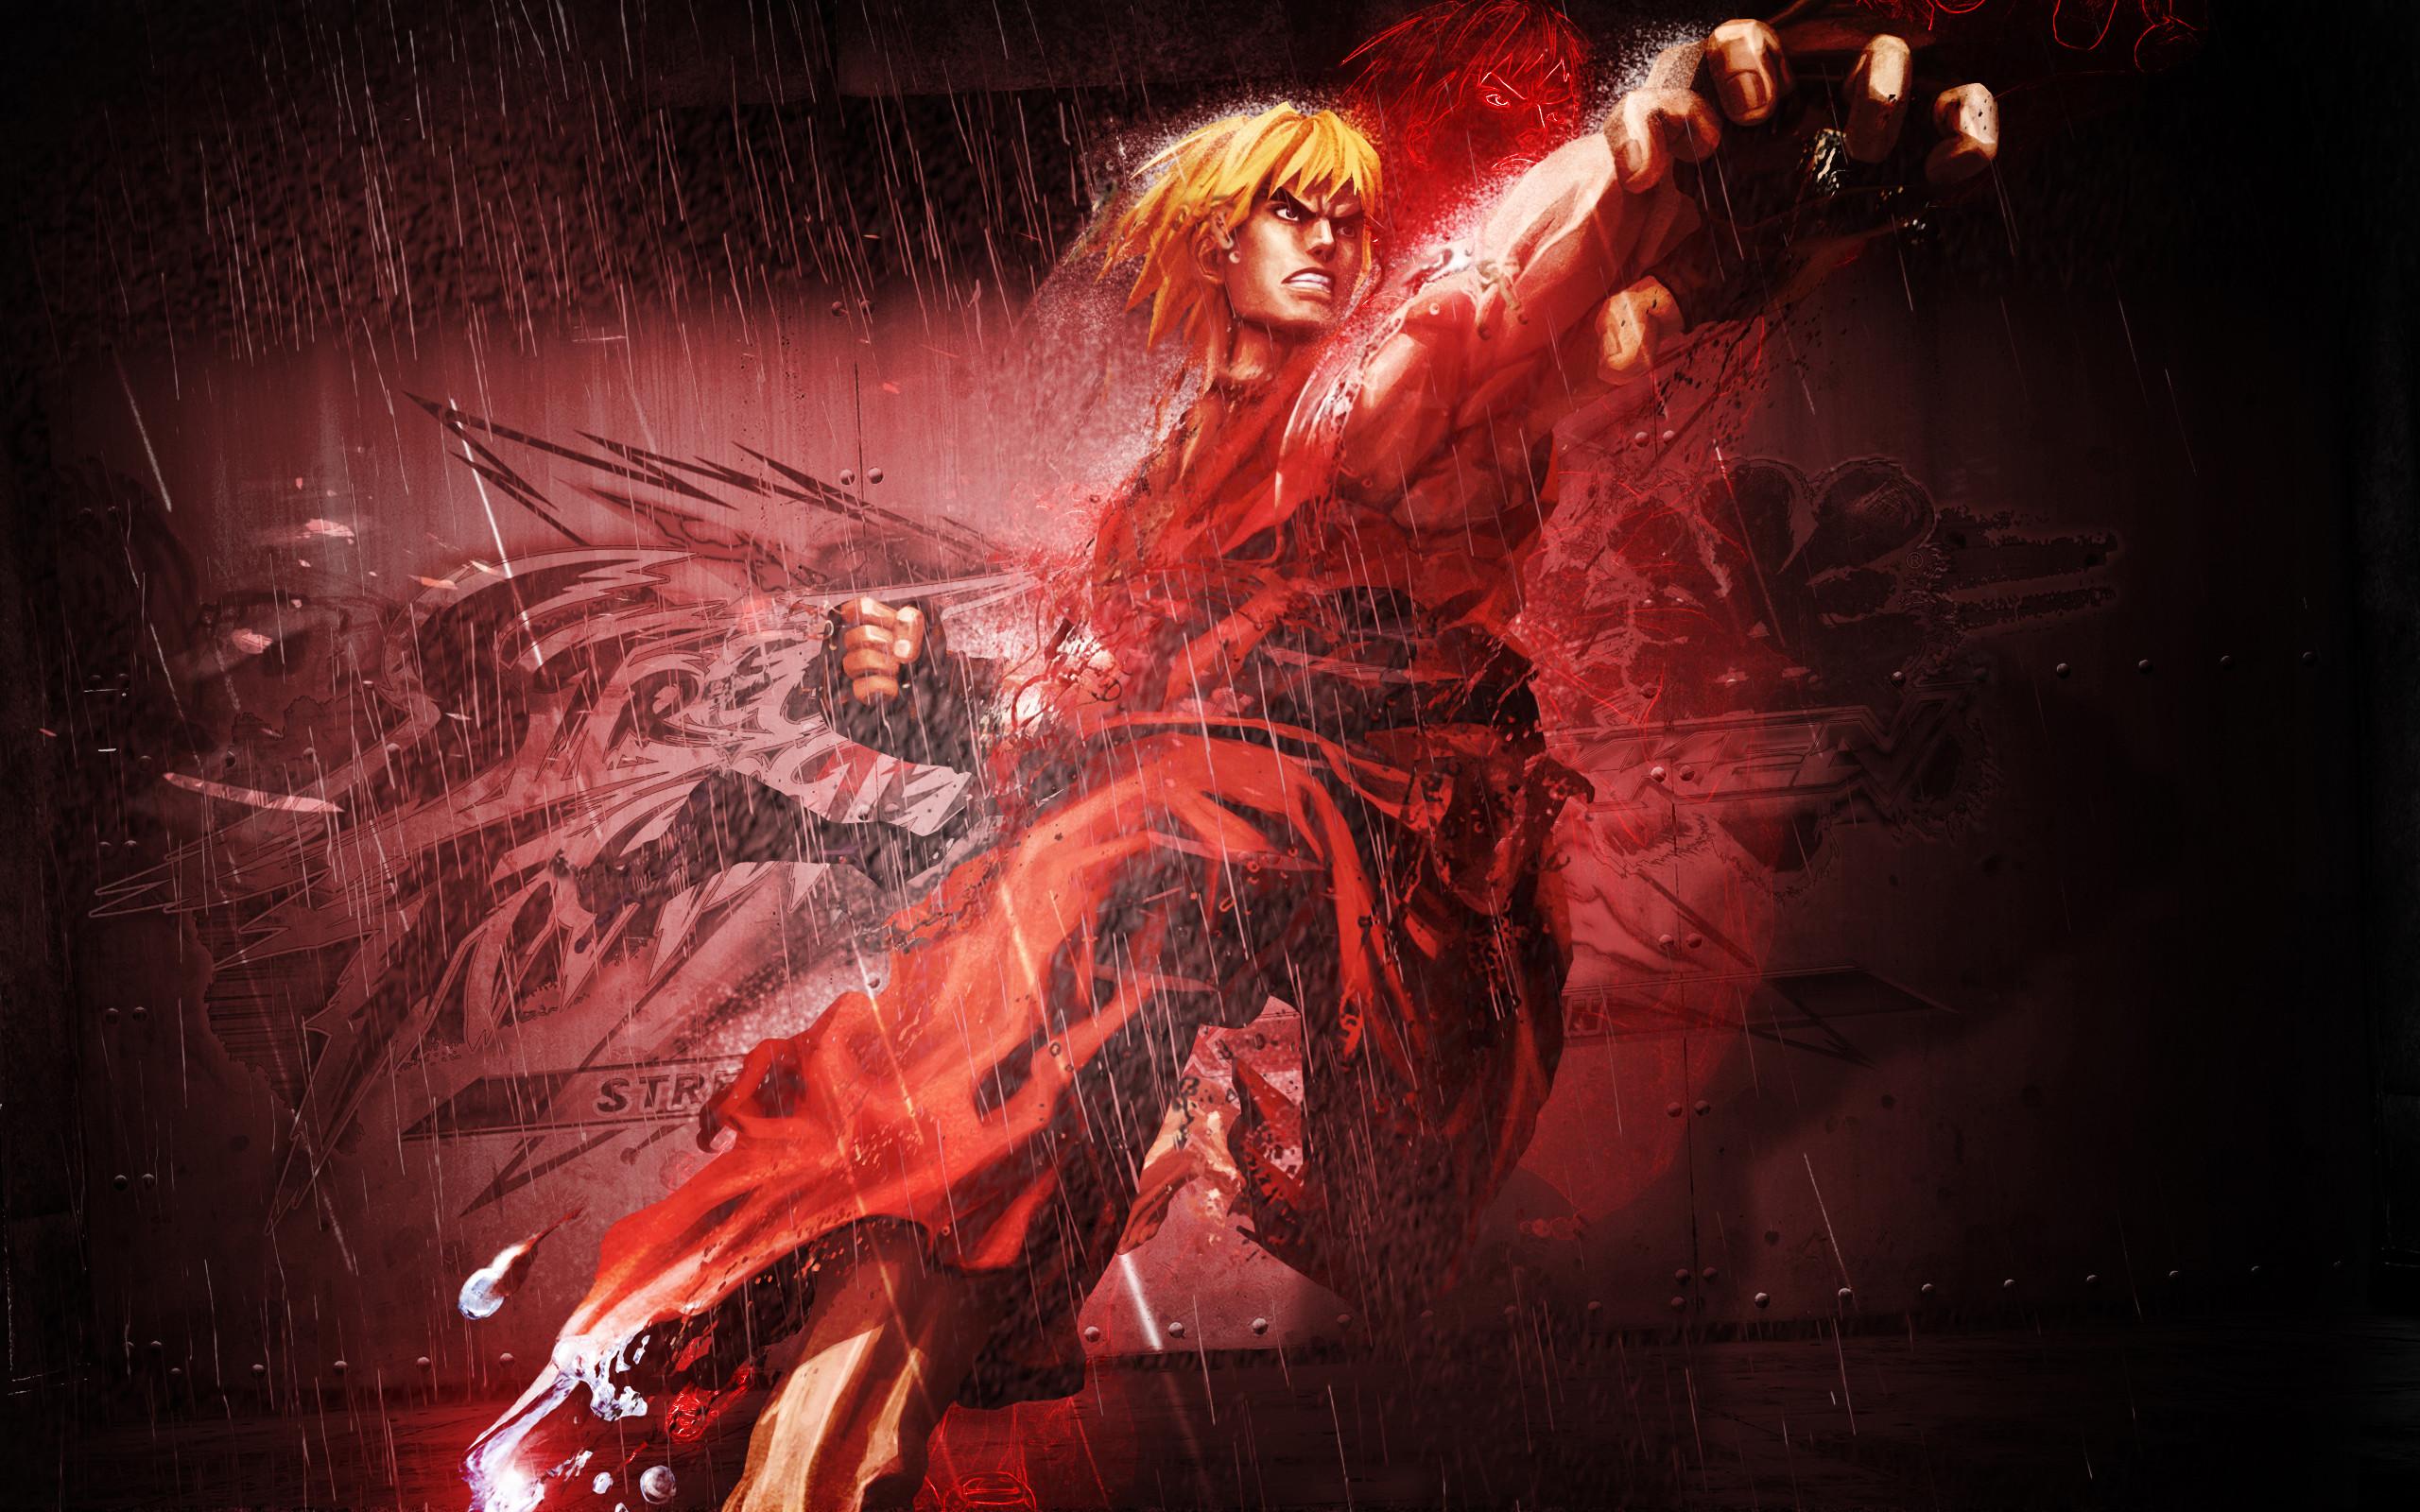 Ken in Street Fighter